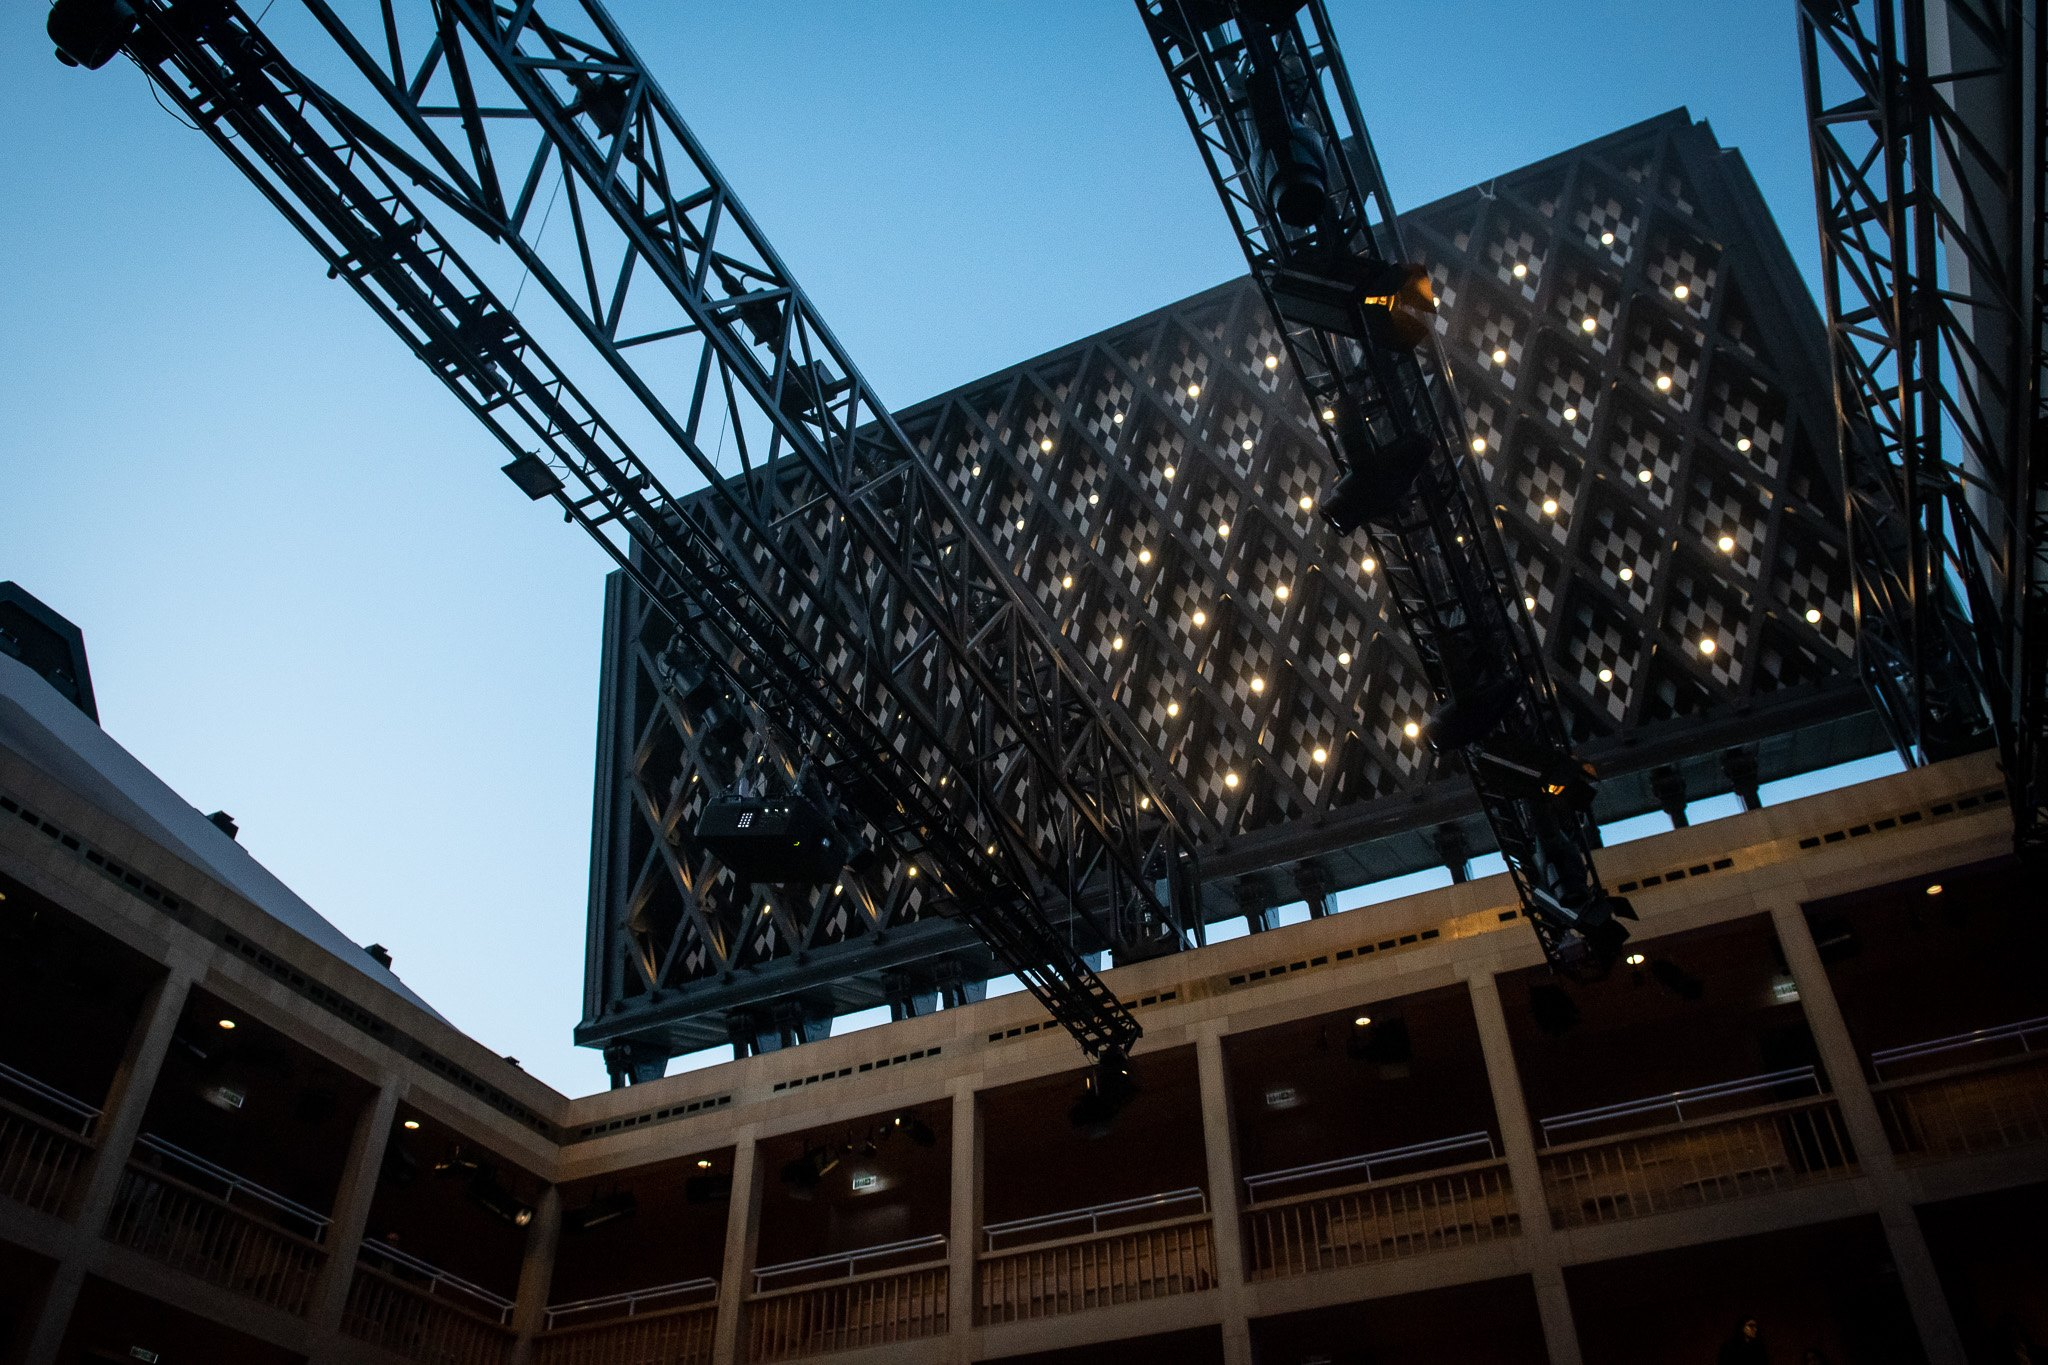 Czy interesuje cię, jakie tajemnice skrywa Teatr Szekspirowski? Jeśli tak, to odkryj je podczas zwiedzania